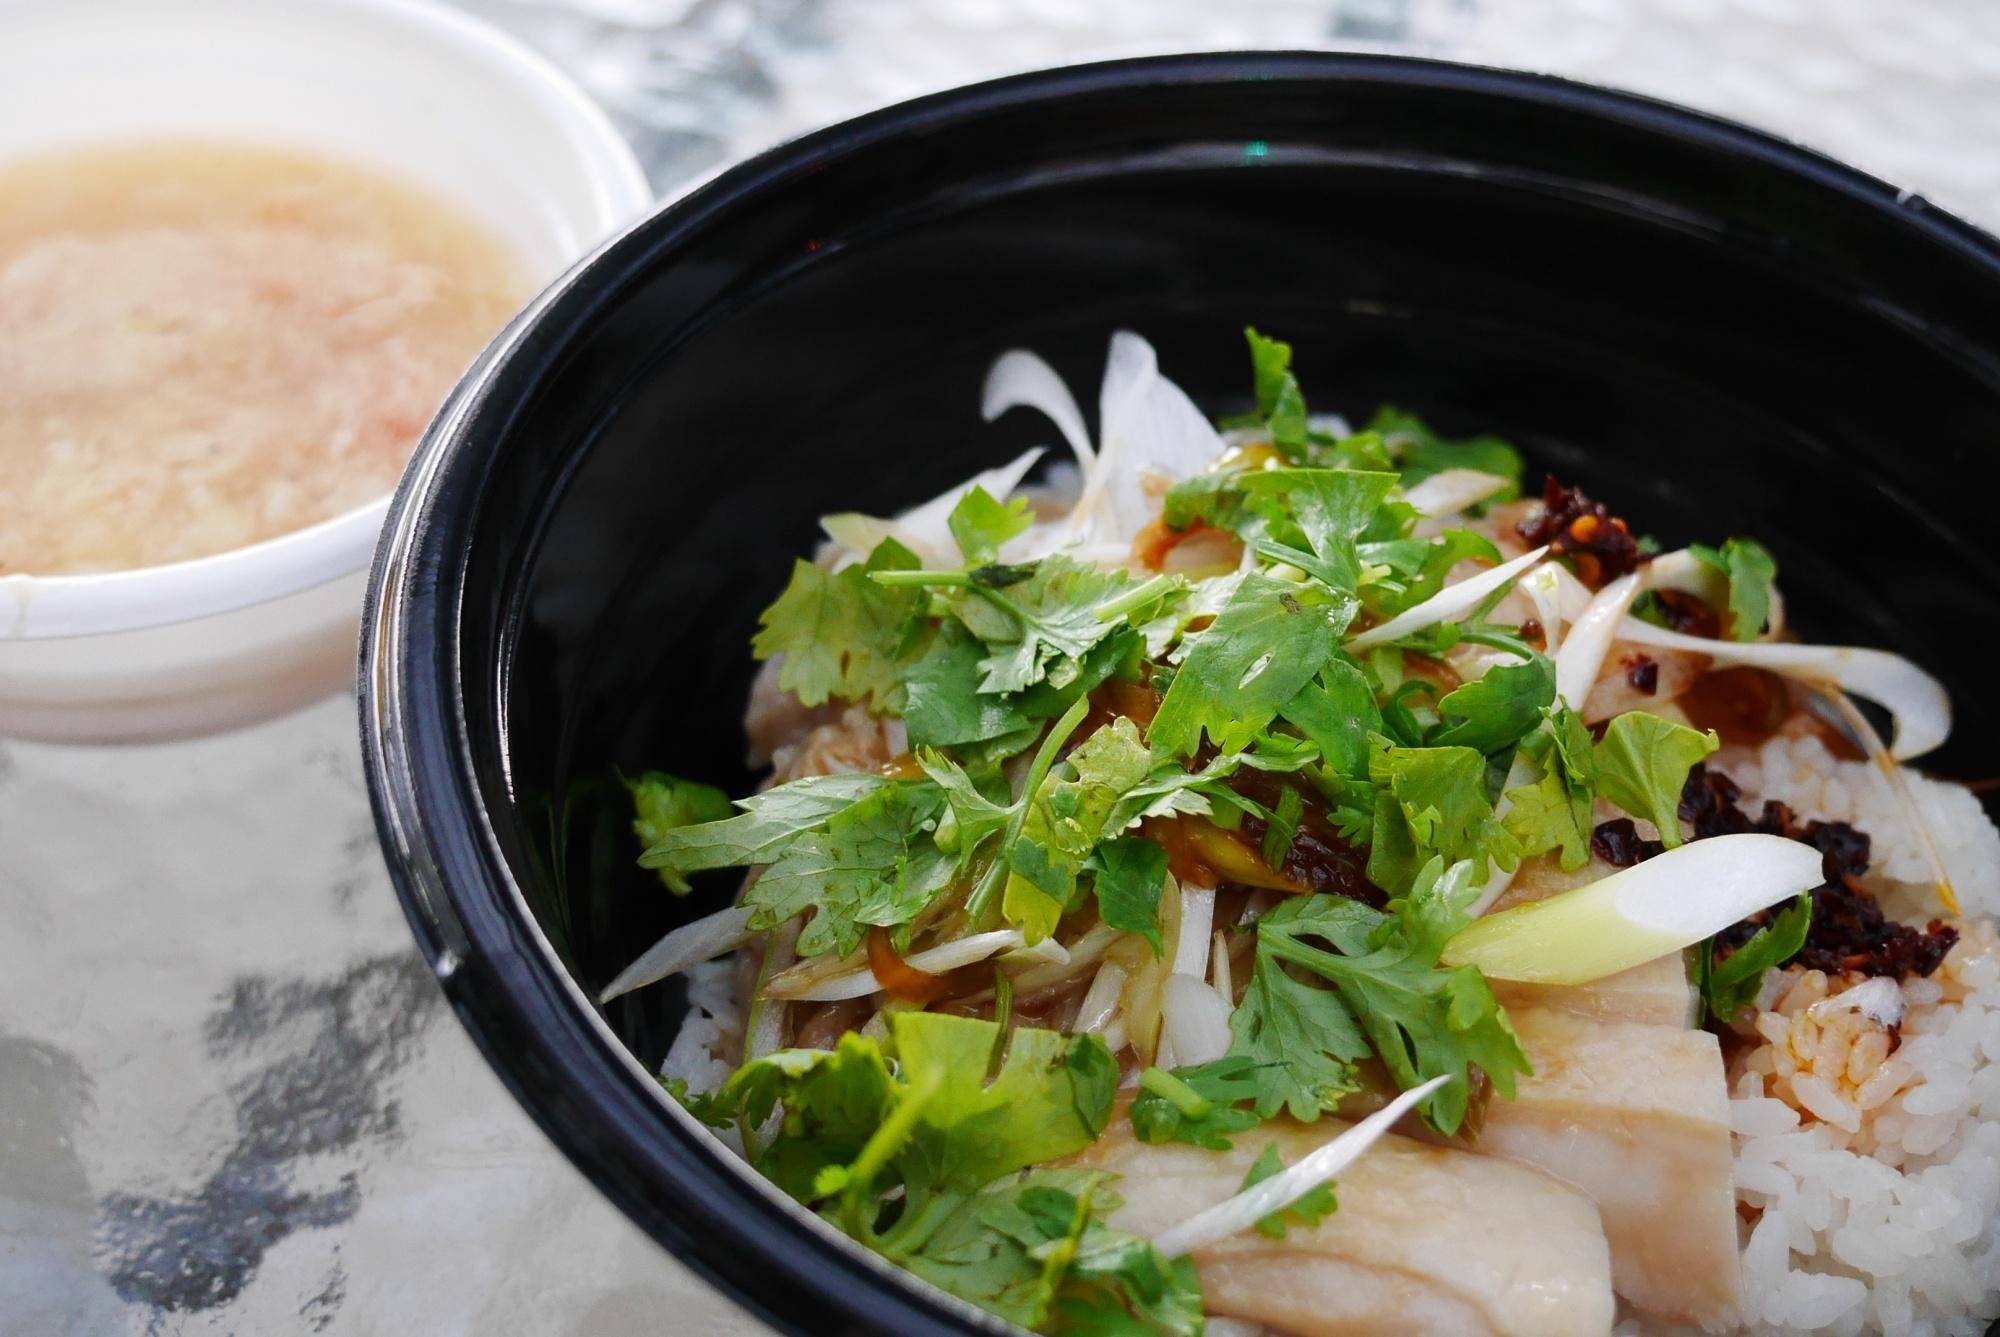 シンガポールチキンライス、トマトと玉子のスープ付